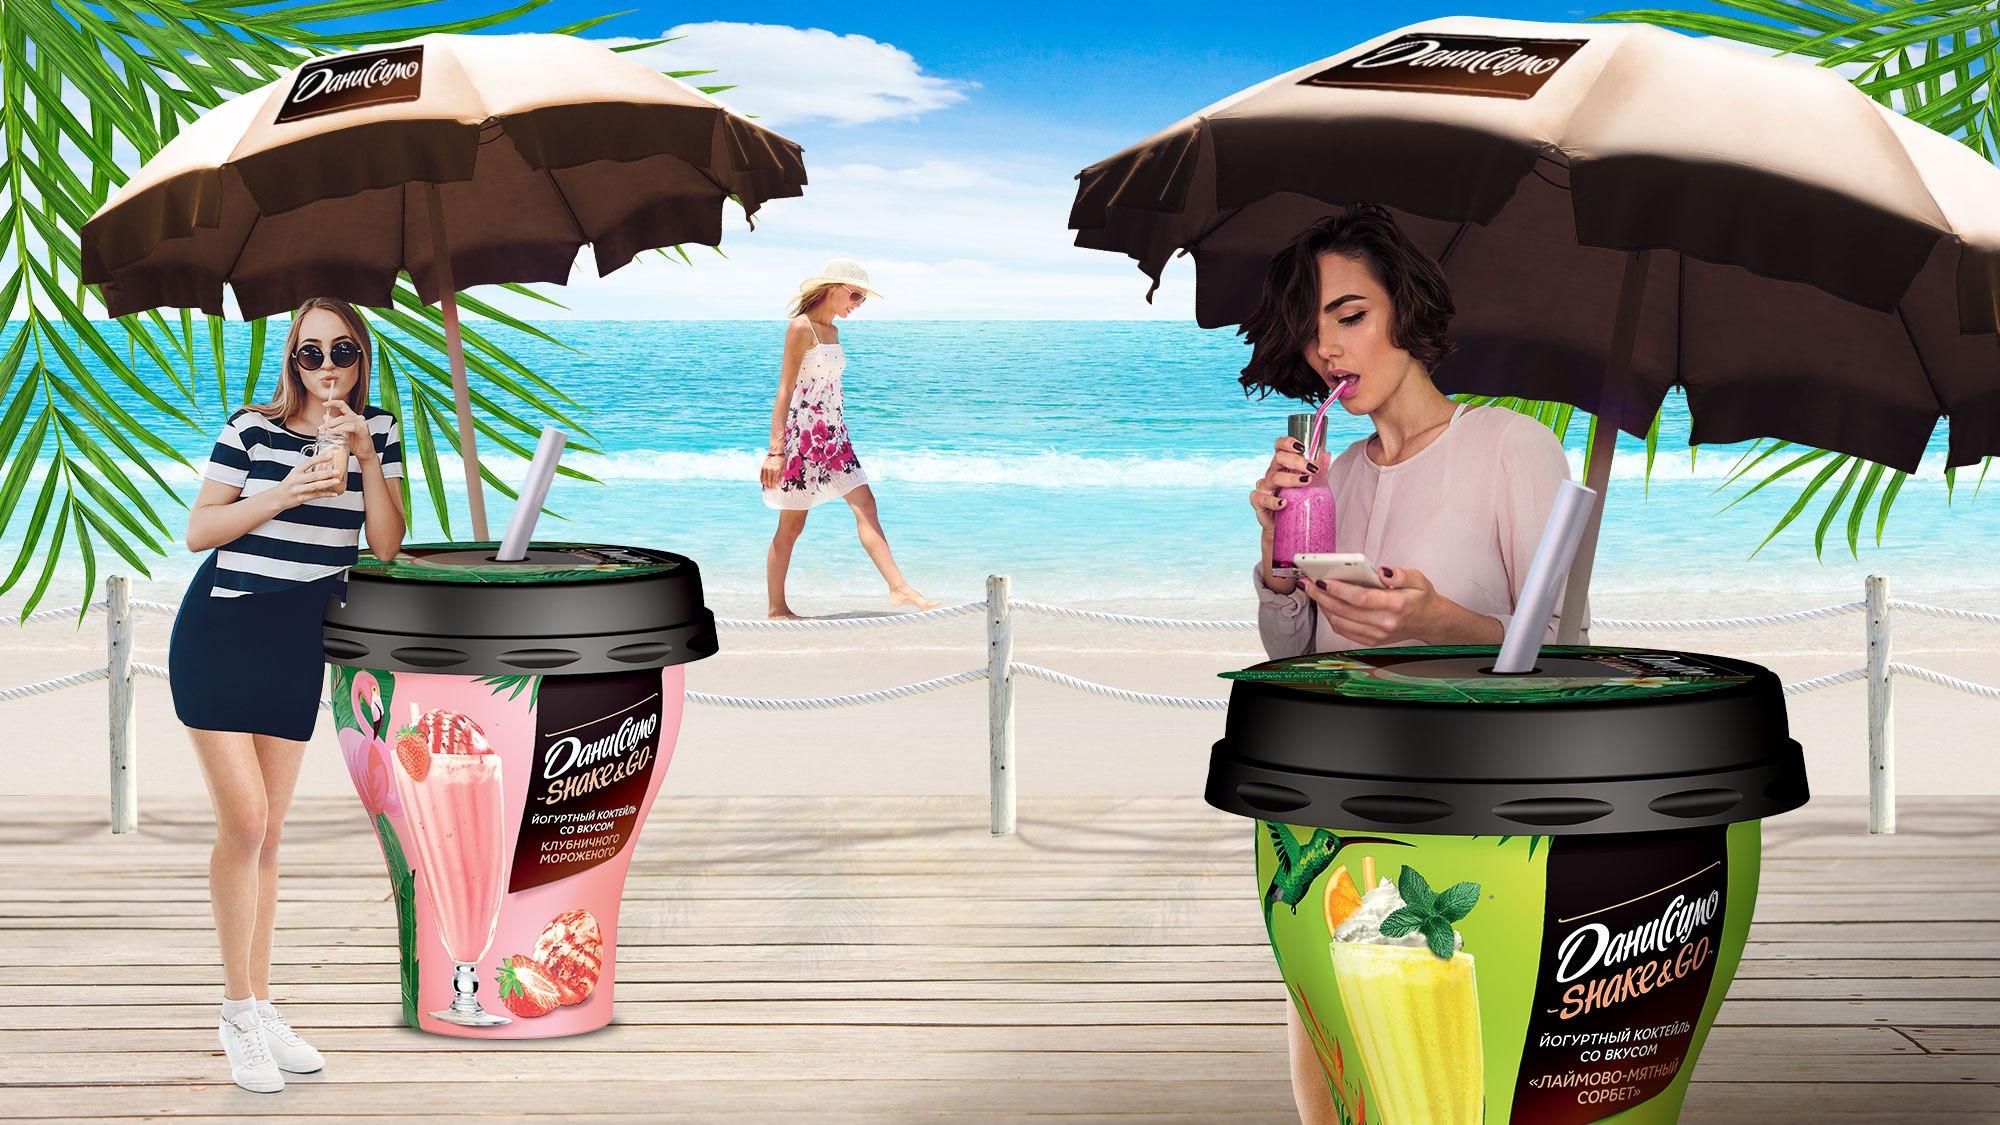 Брендинг пляжного кафе